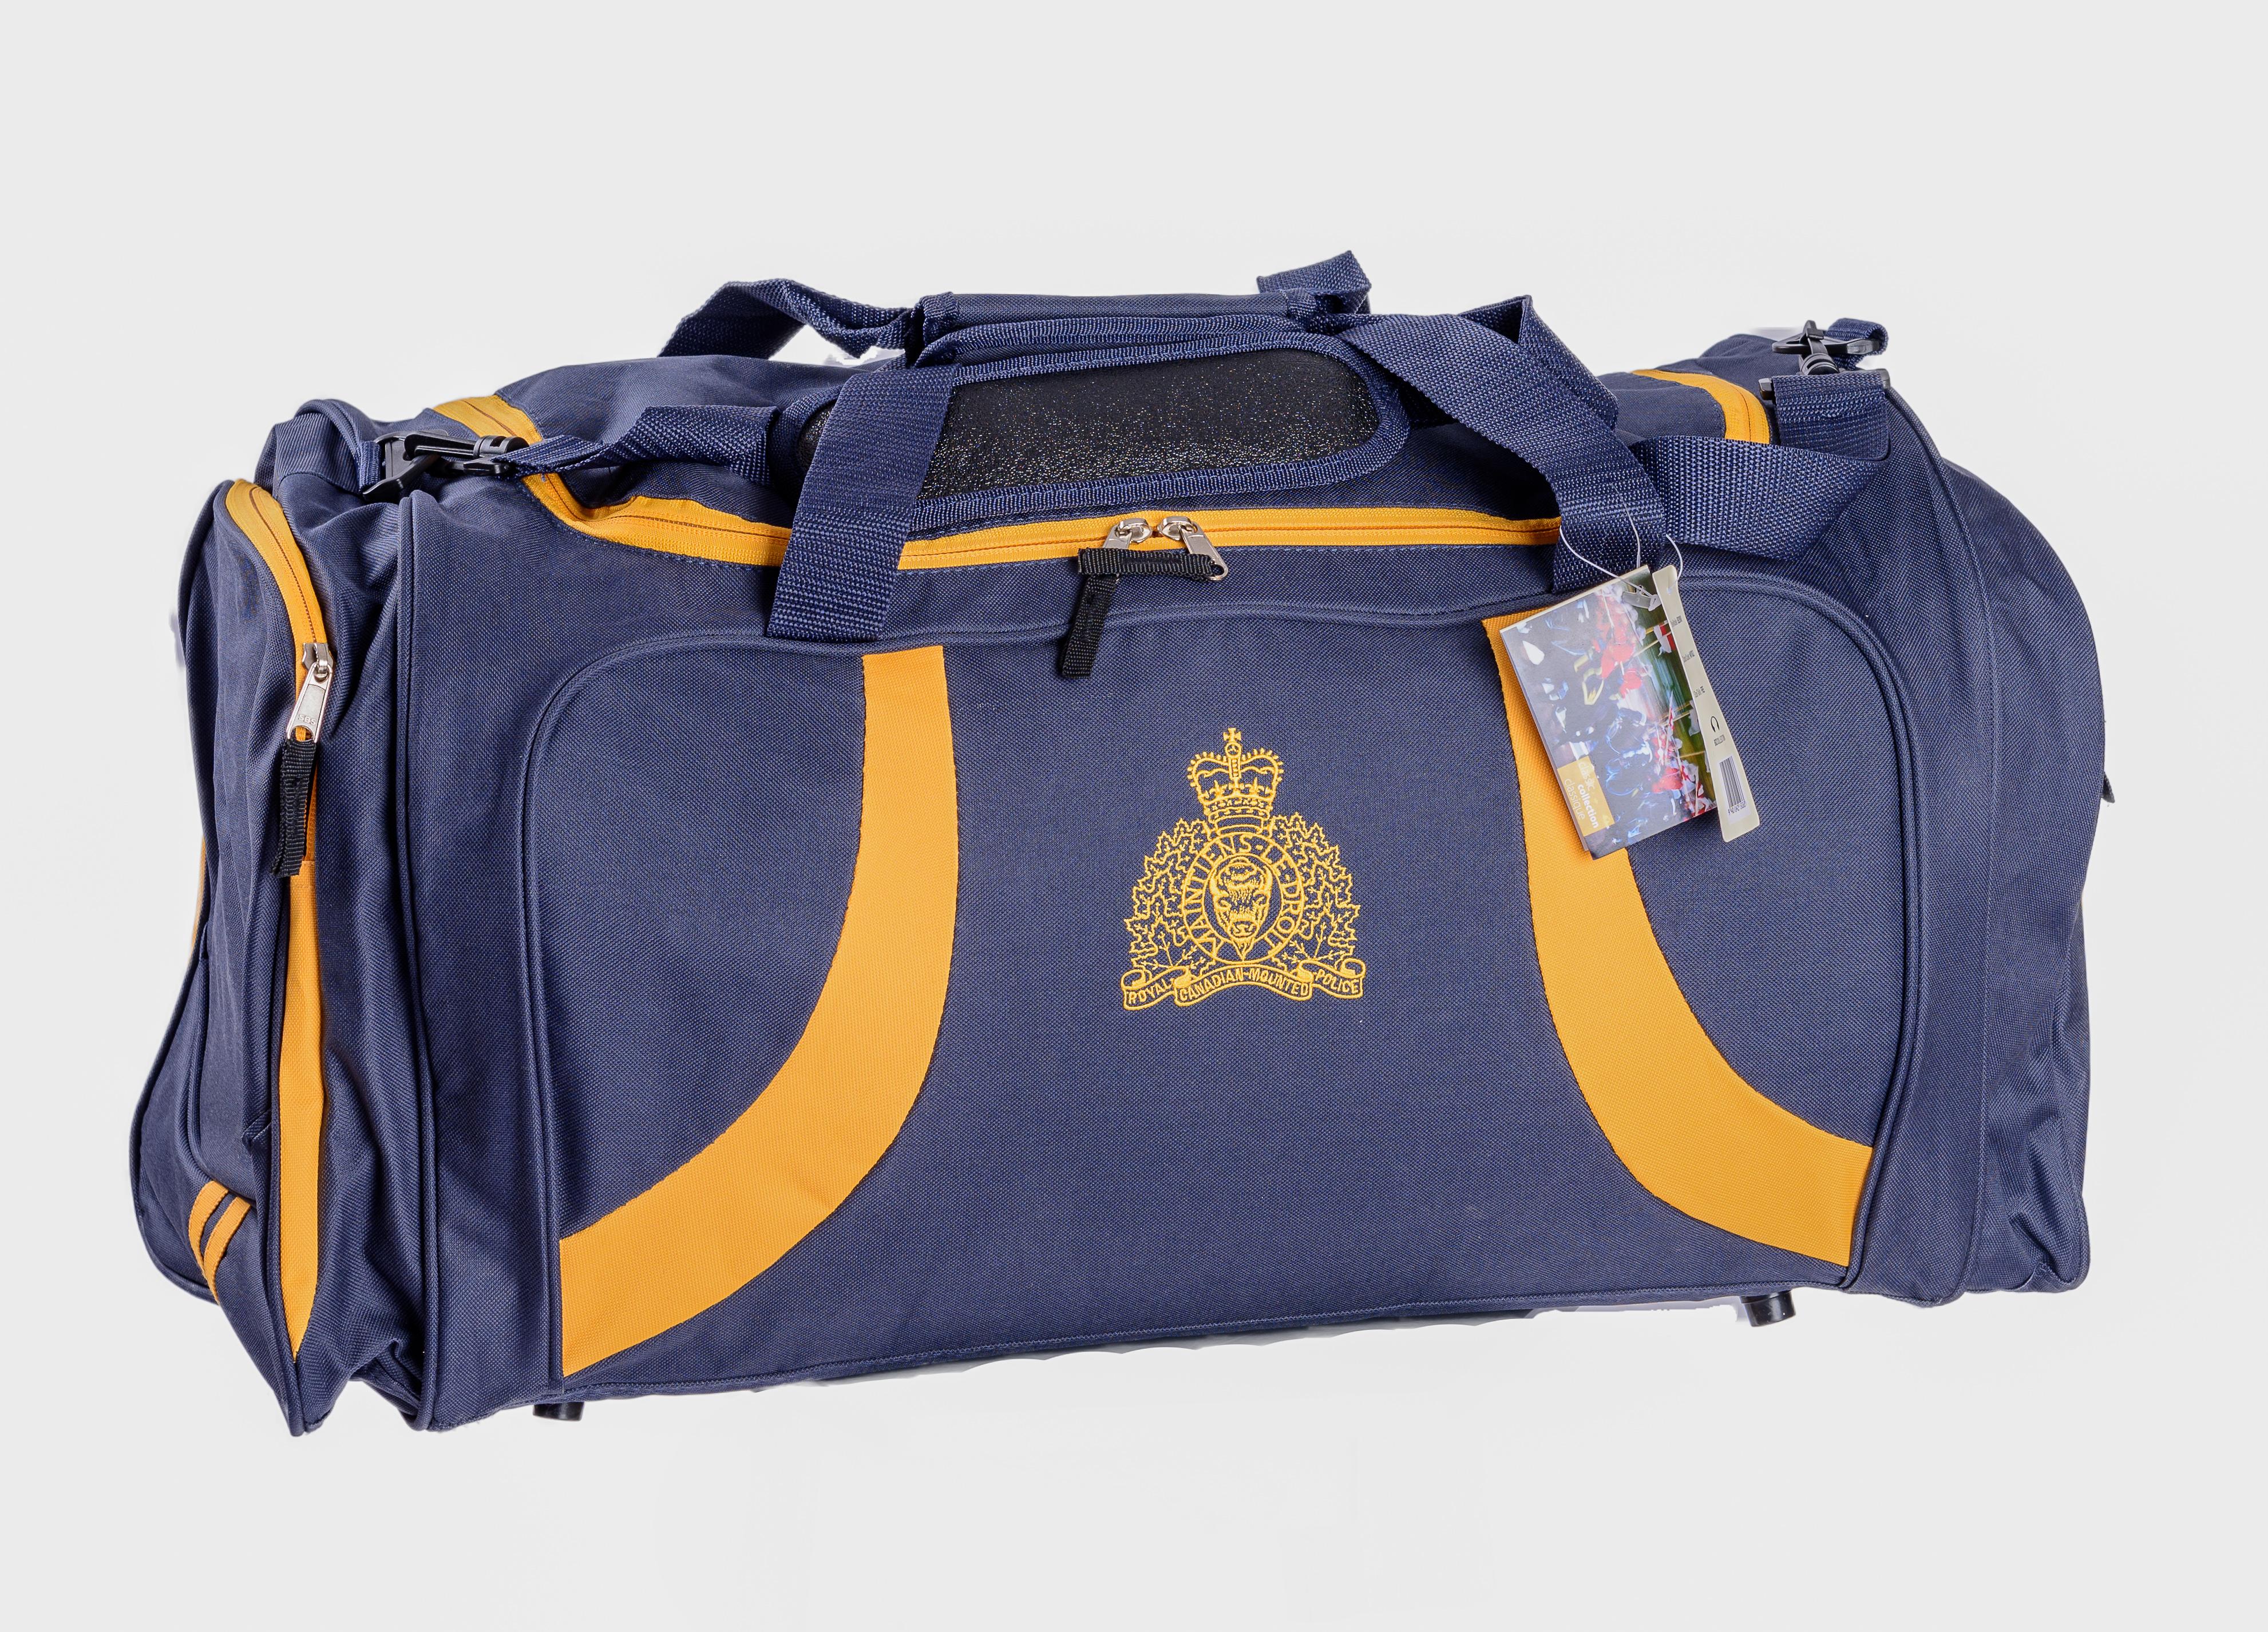 RCMP Gym Bag